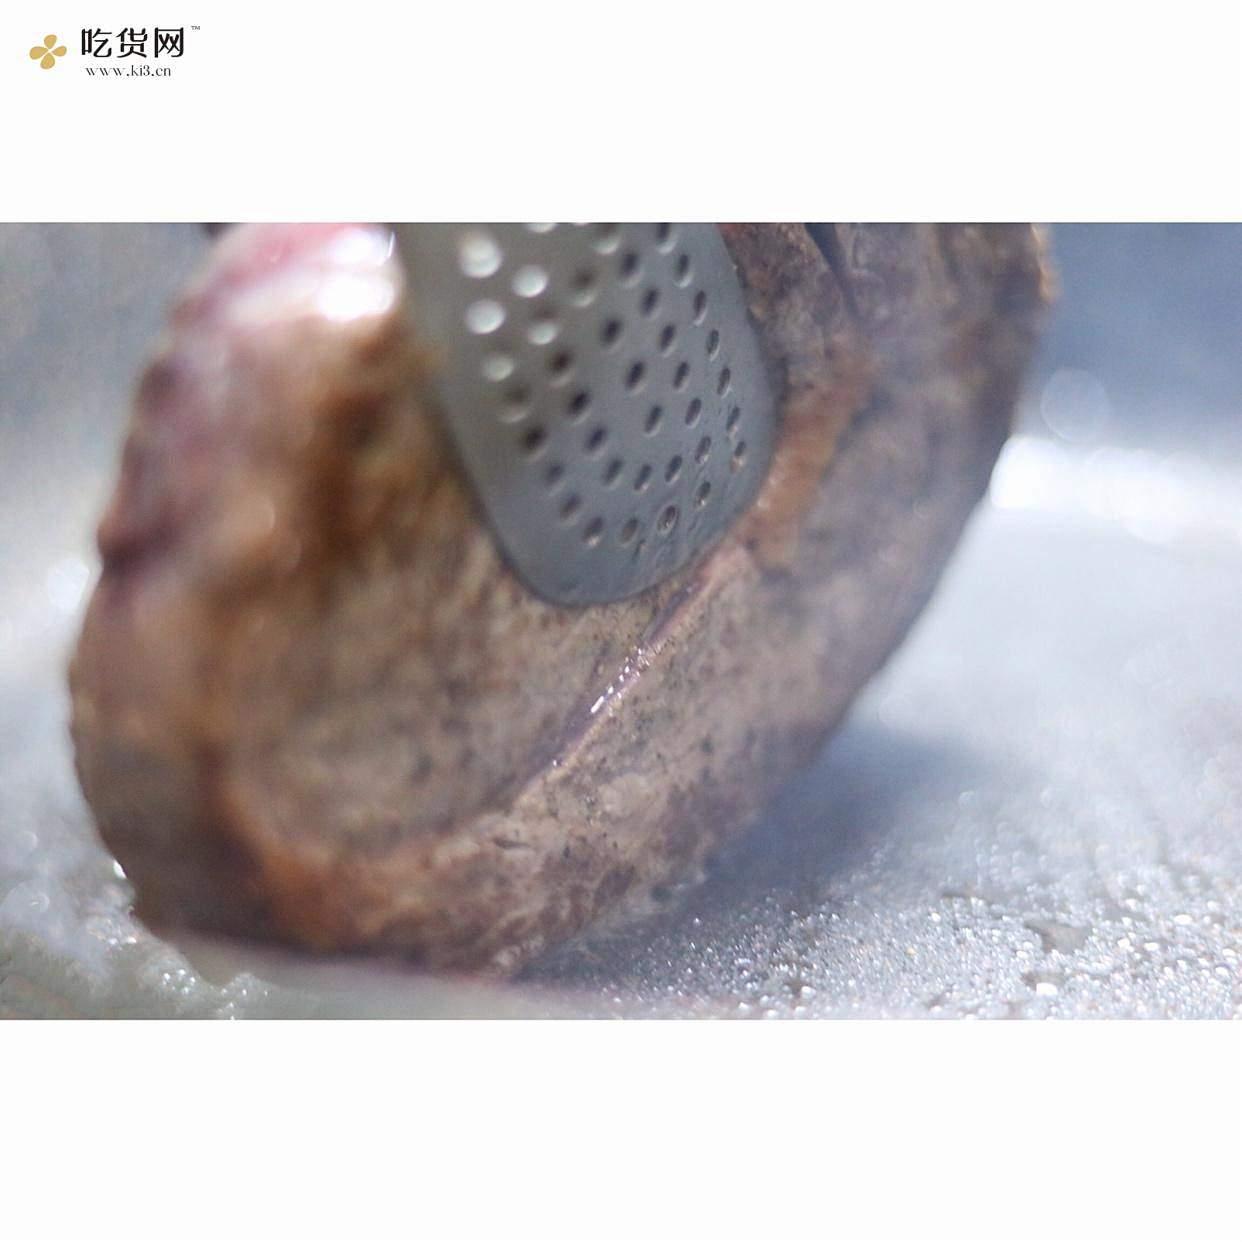 烤肉眼牛排【外焦里嫩】的做法 步骤6